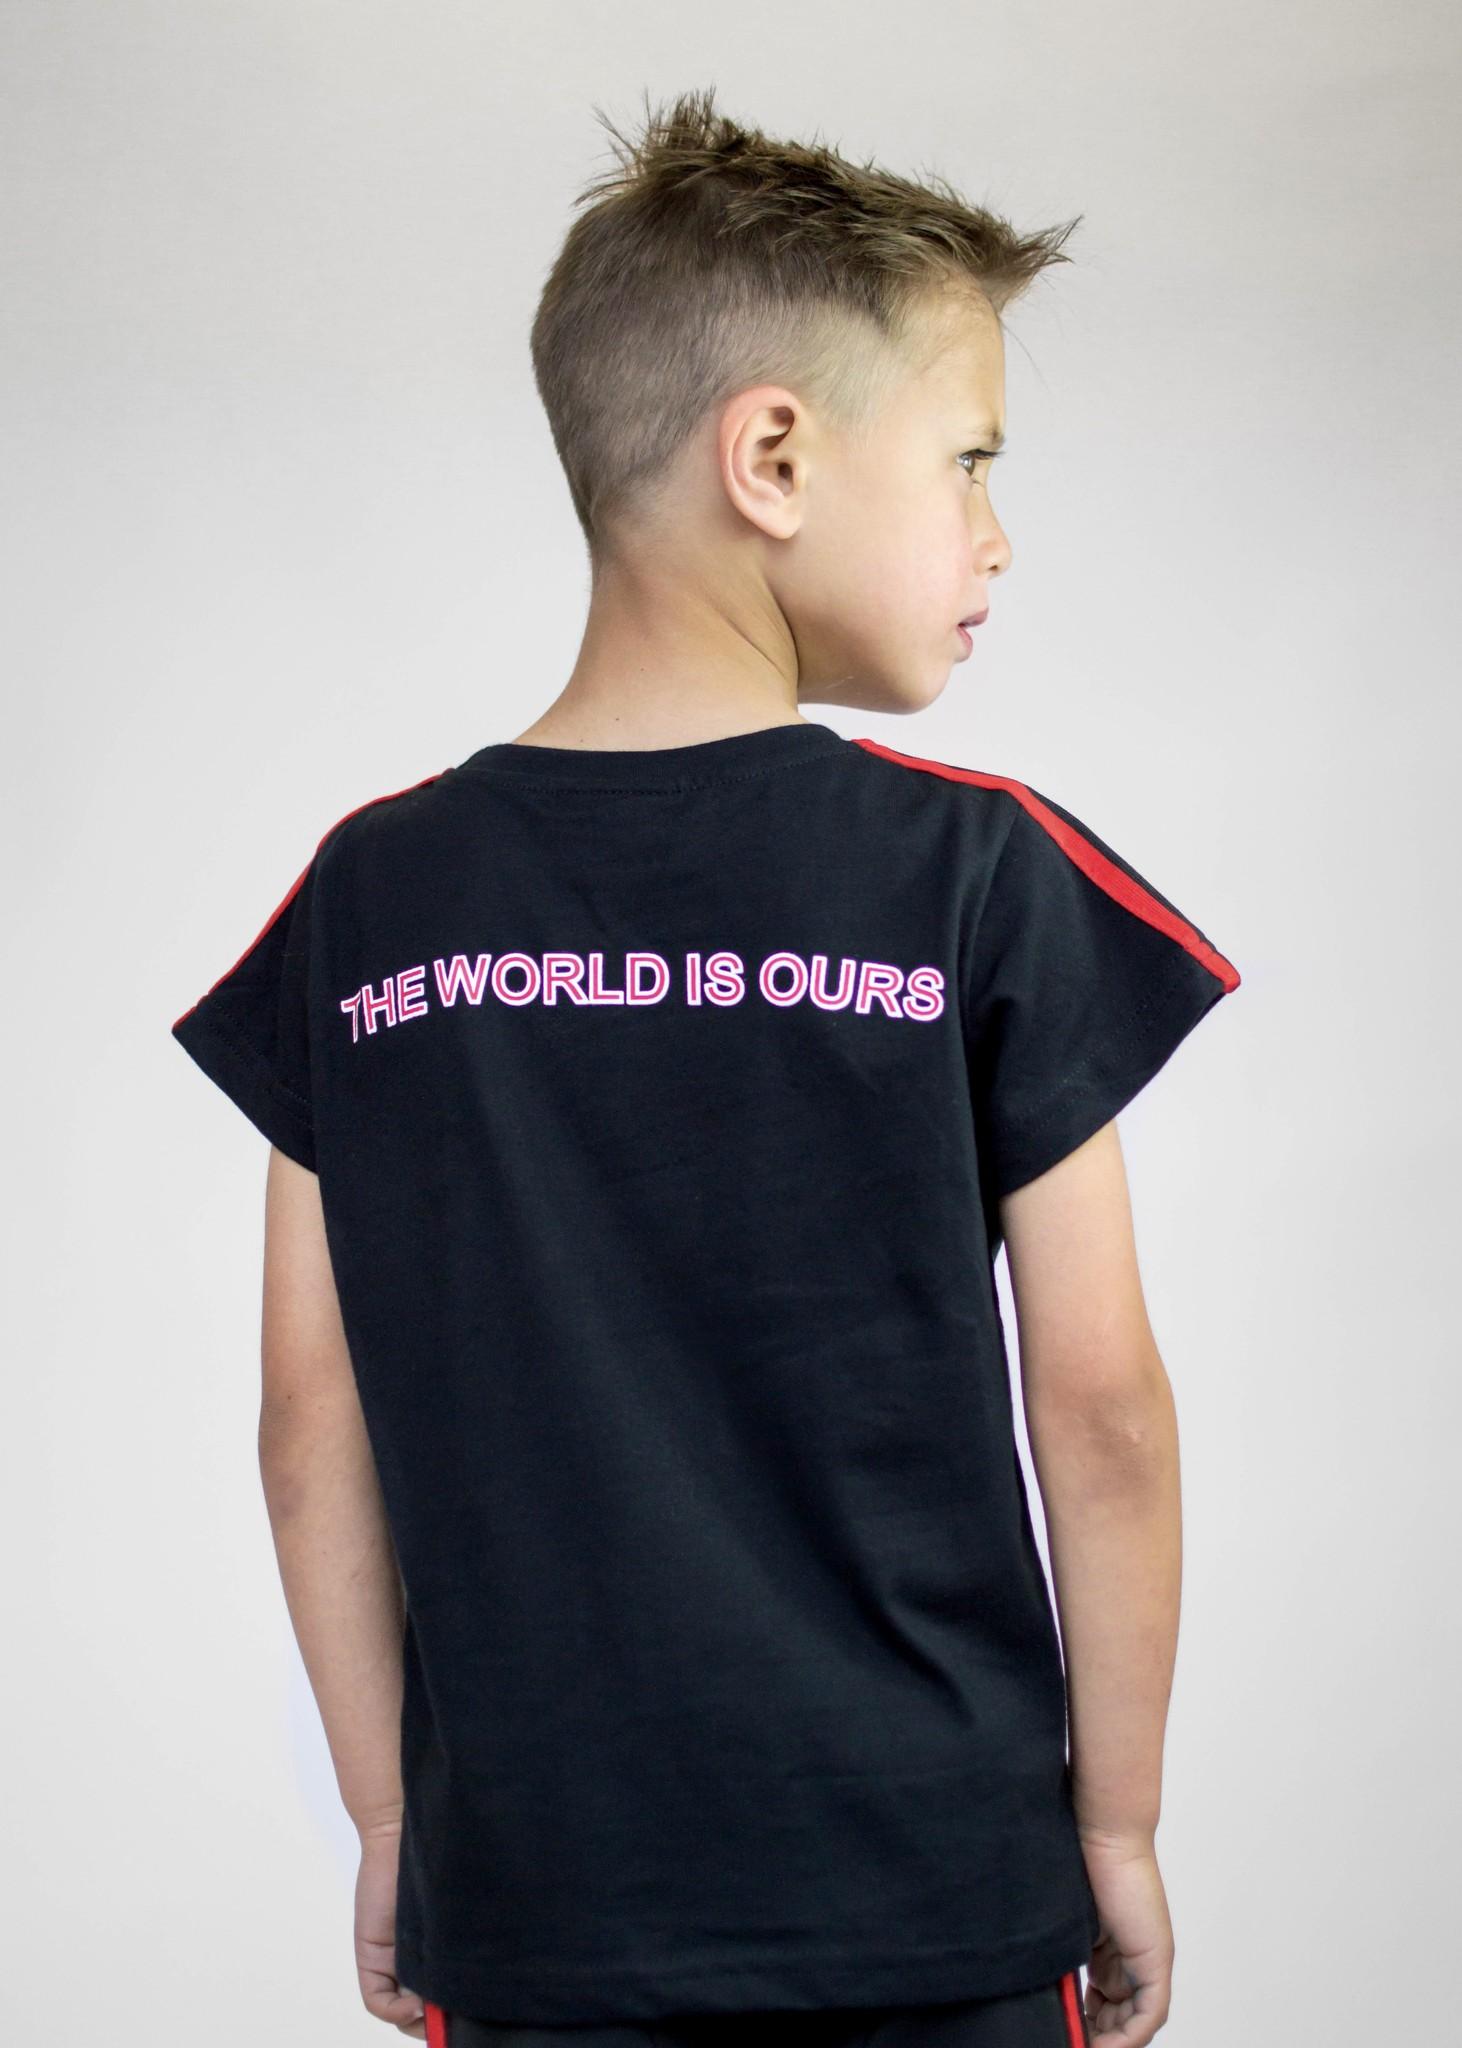 Beaubella Kids ZWART STOER SHIRT | ZWART SHIRT MET TEKST PRINT | JONGENSKLEDING